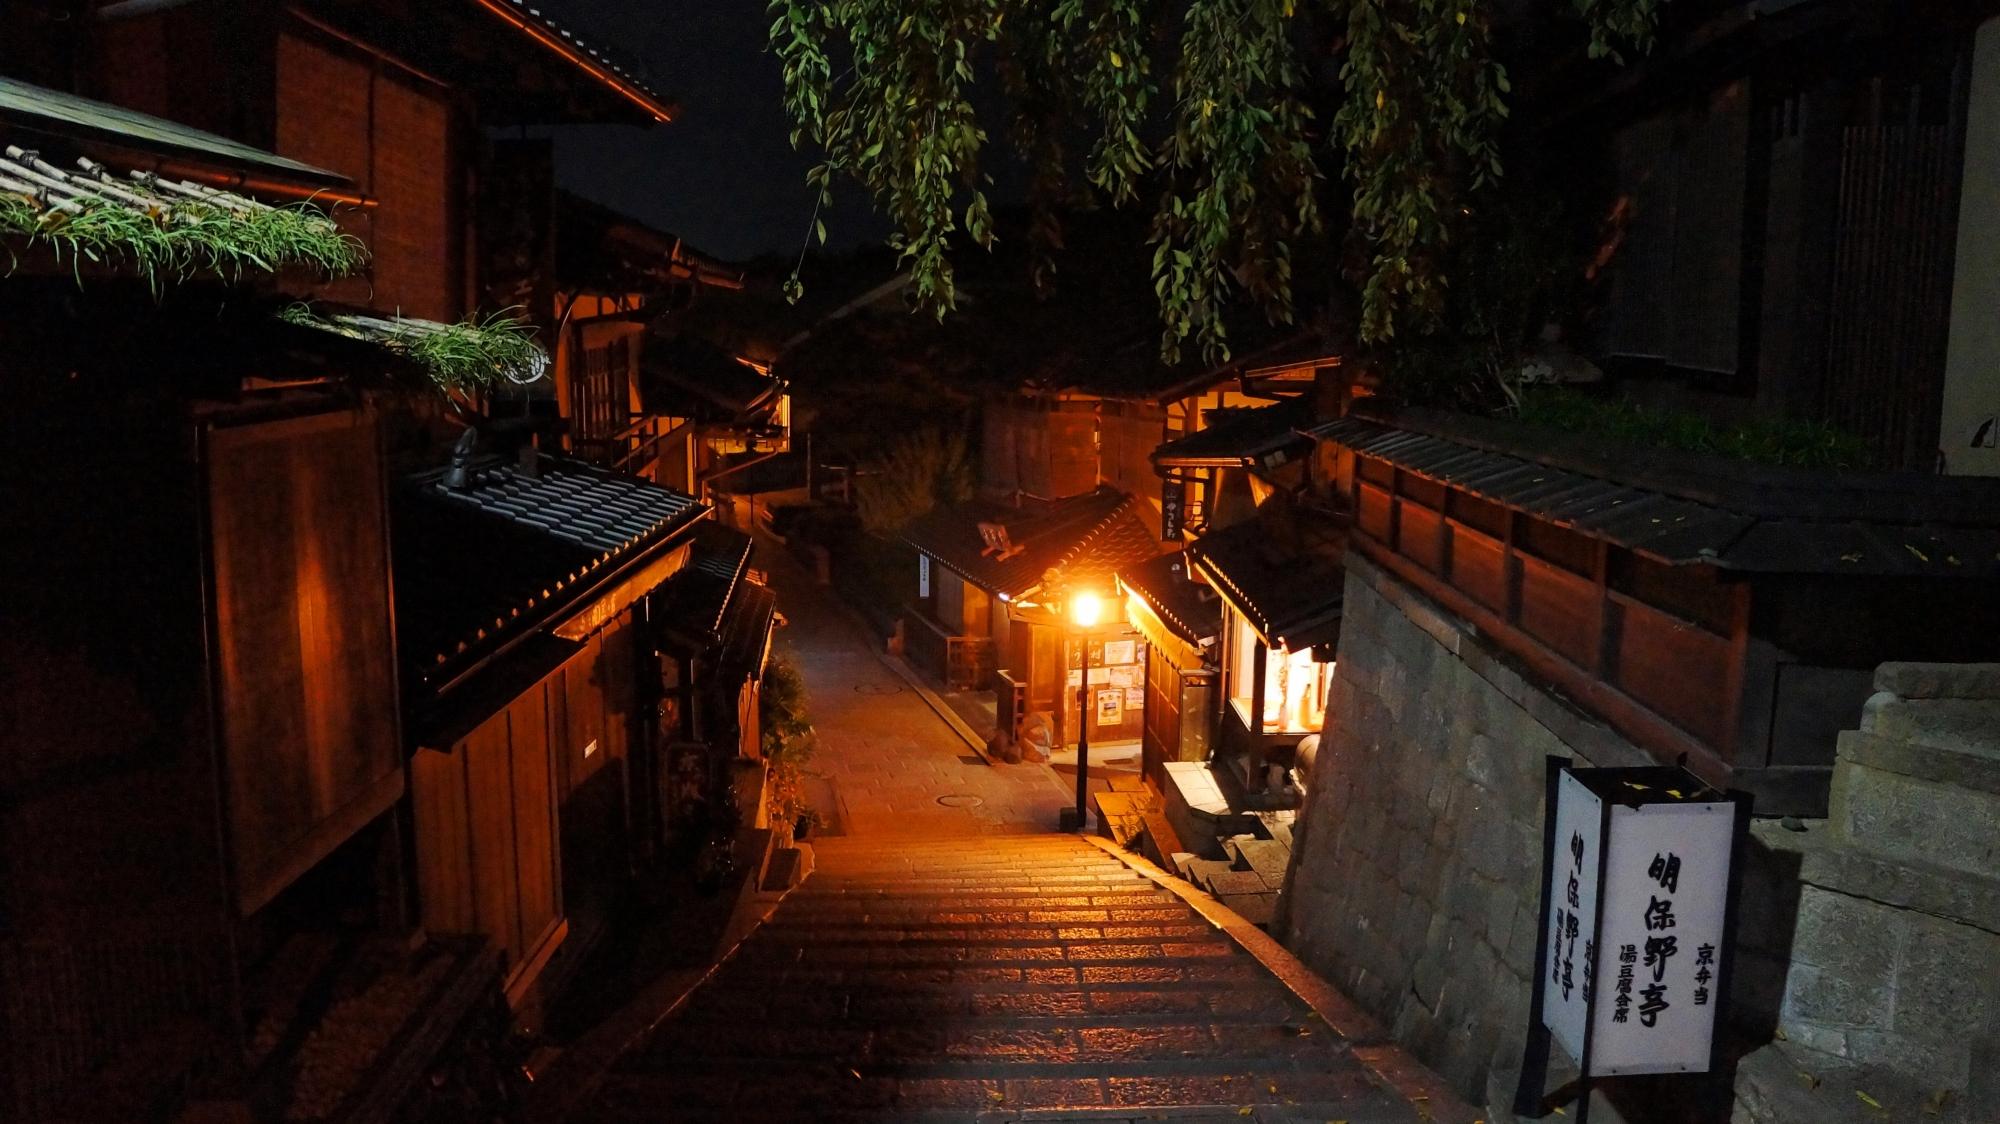 二年坂・産寧坂 夜景 京の情緒溢れる夜の街並み